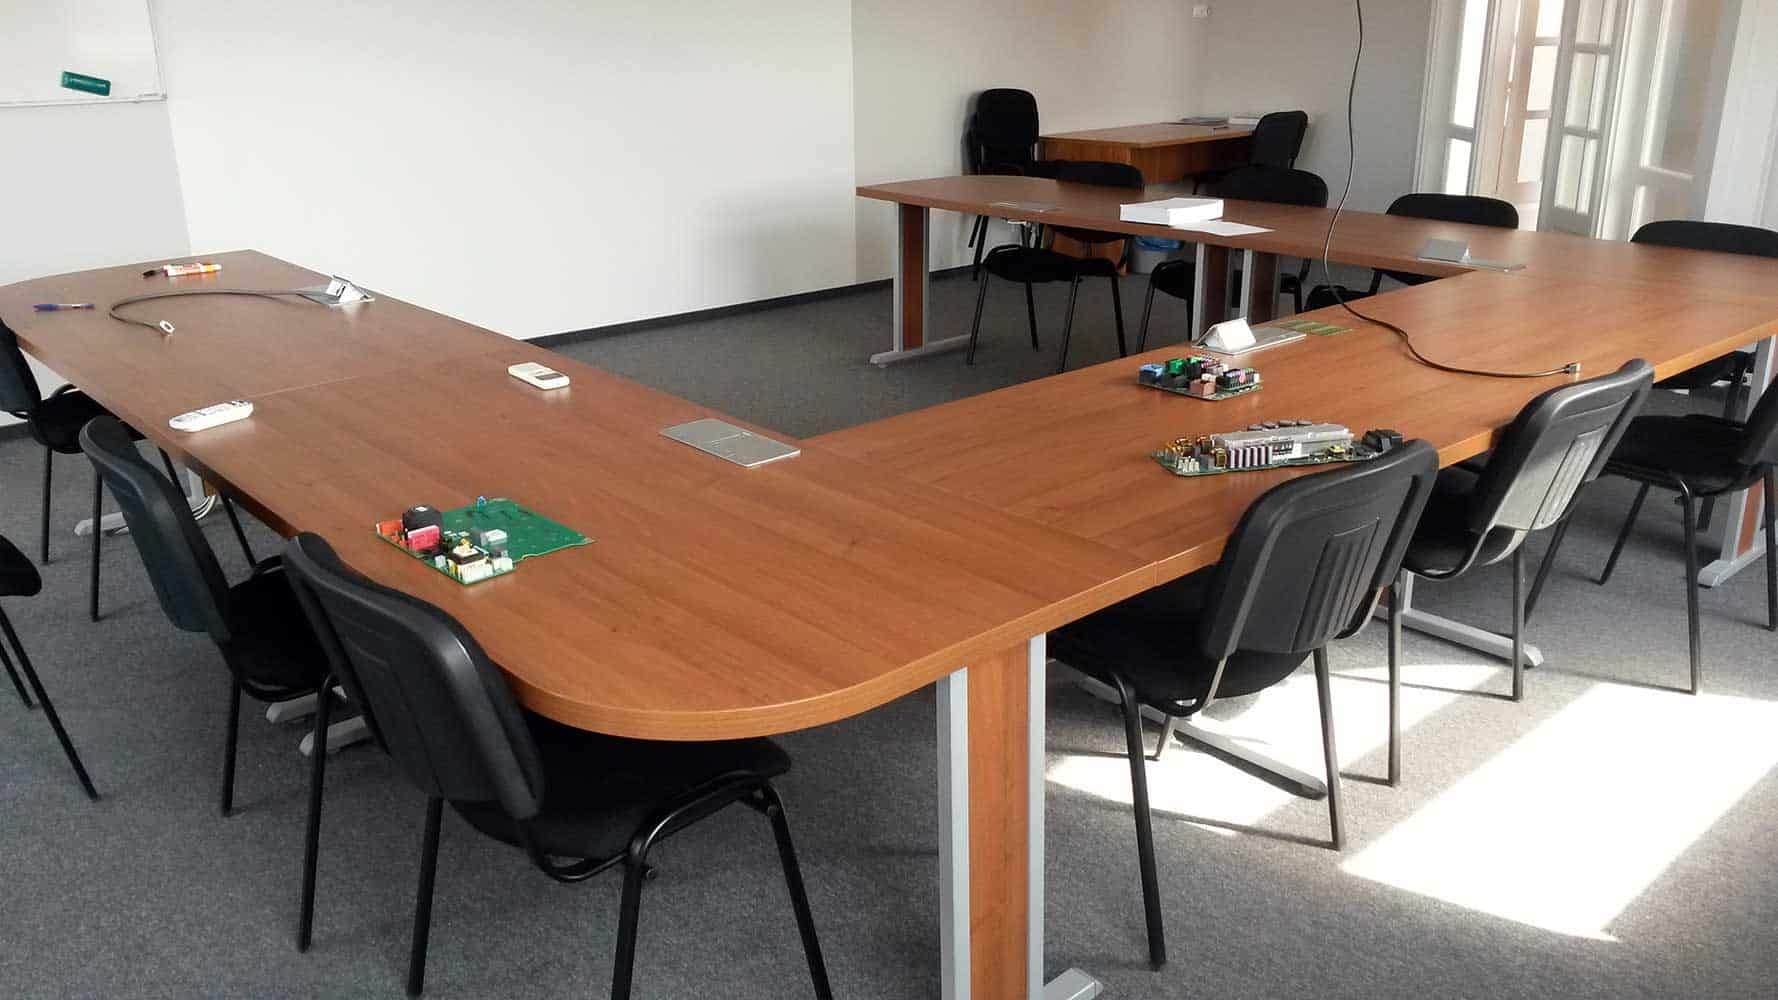 U alakú tárgyalóasztal 11 fős